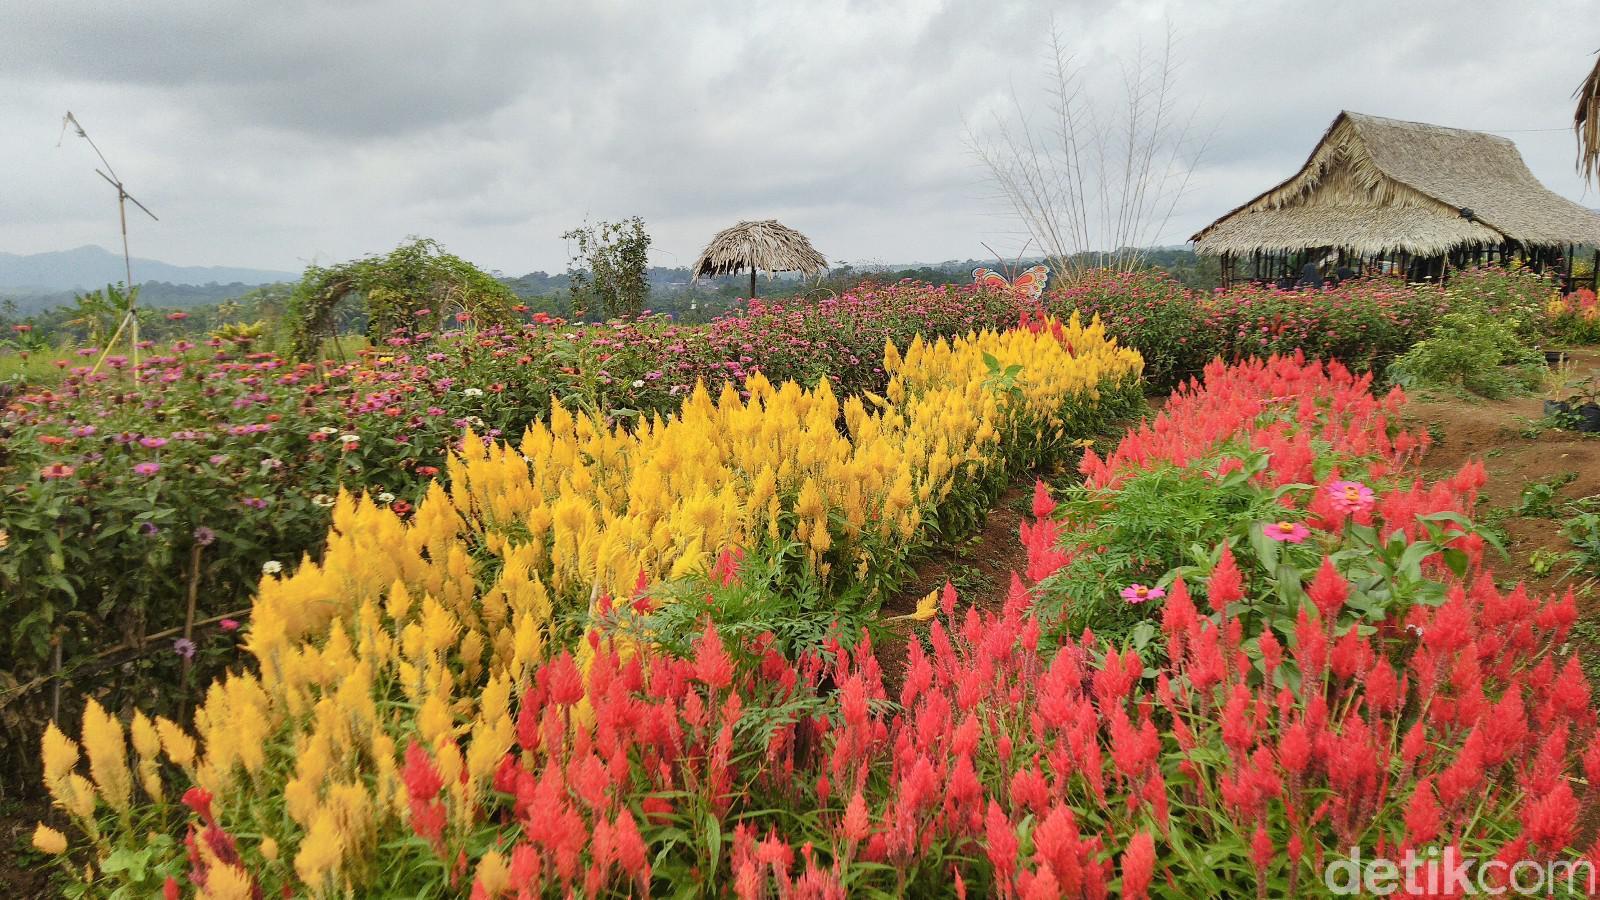 Hamparan bunga Celosia diEkowisata Kampoeng Sawah